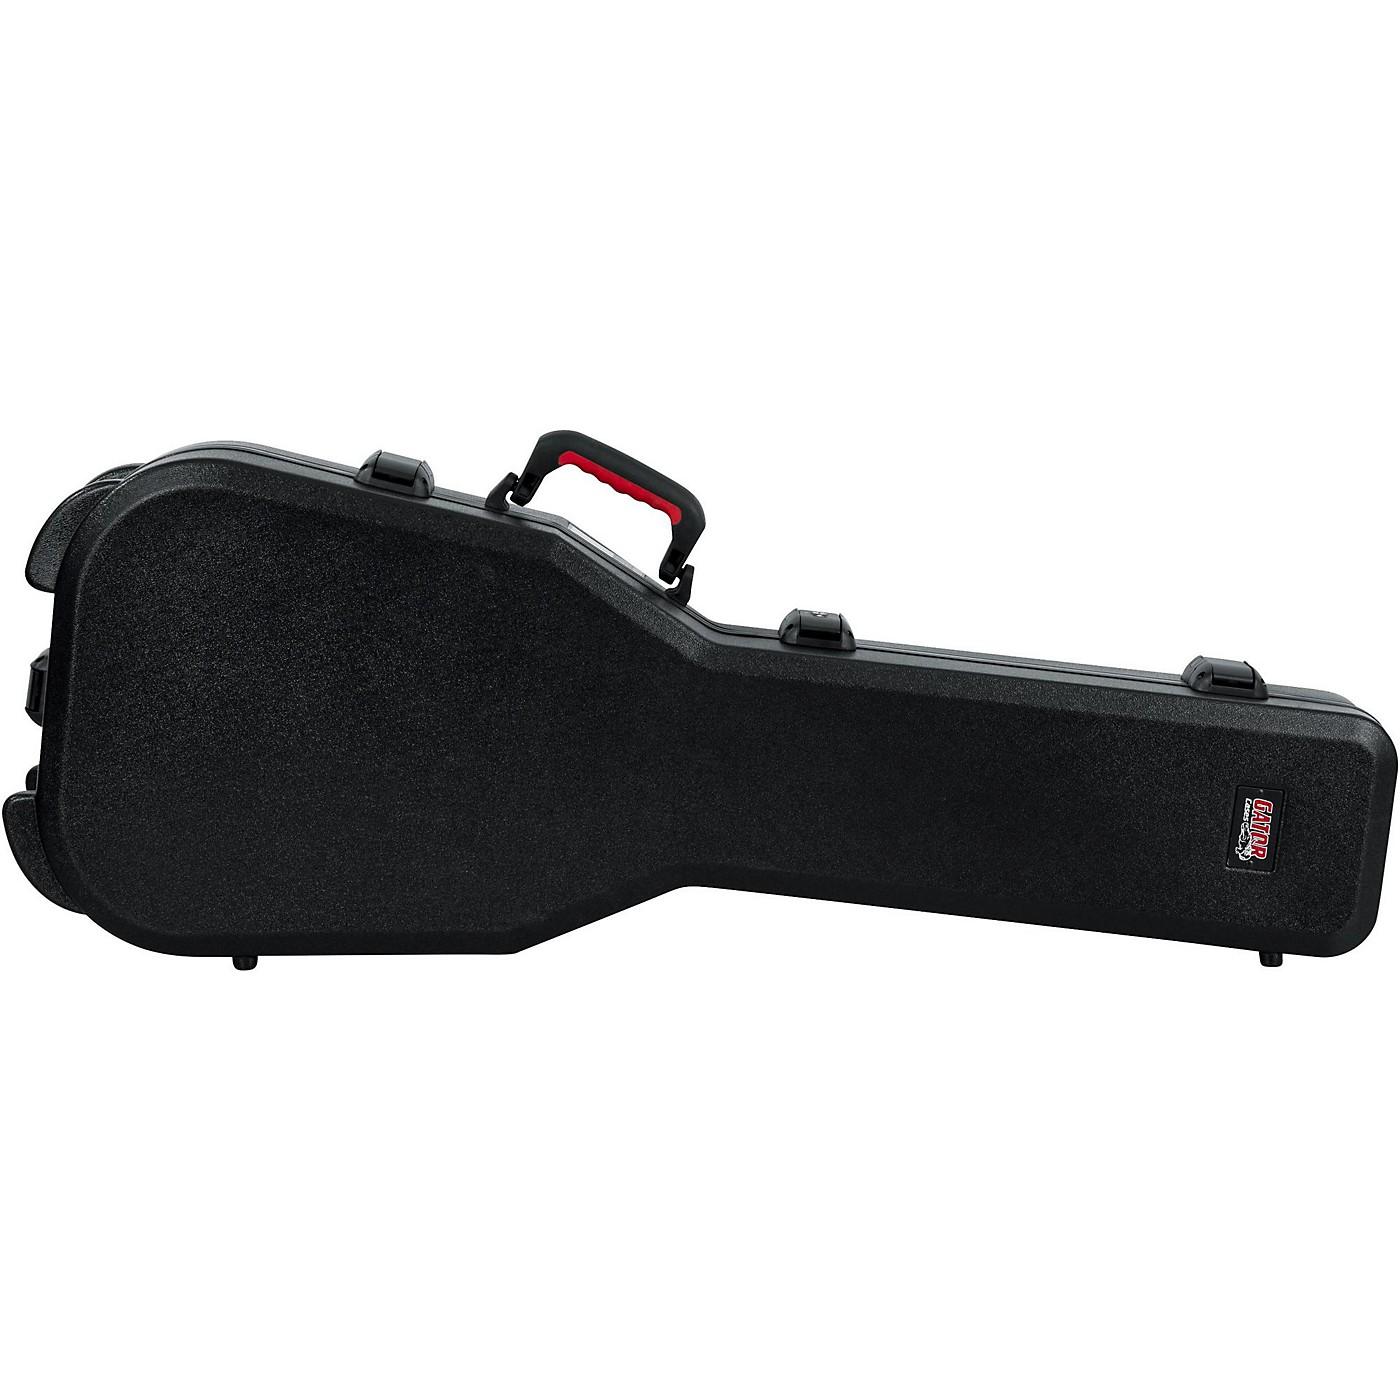 Gator TSA ATA Molded Gibson SG Guitar Case thumbnail